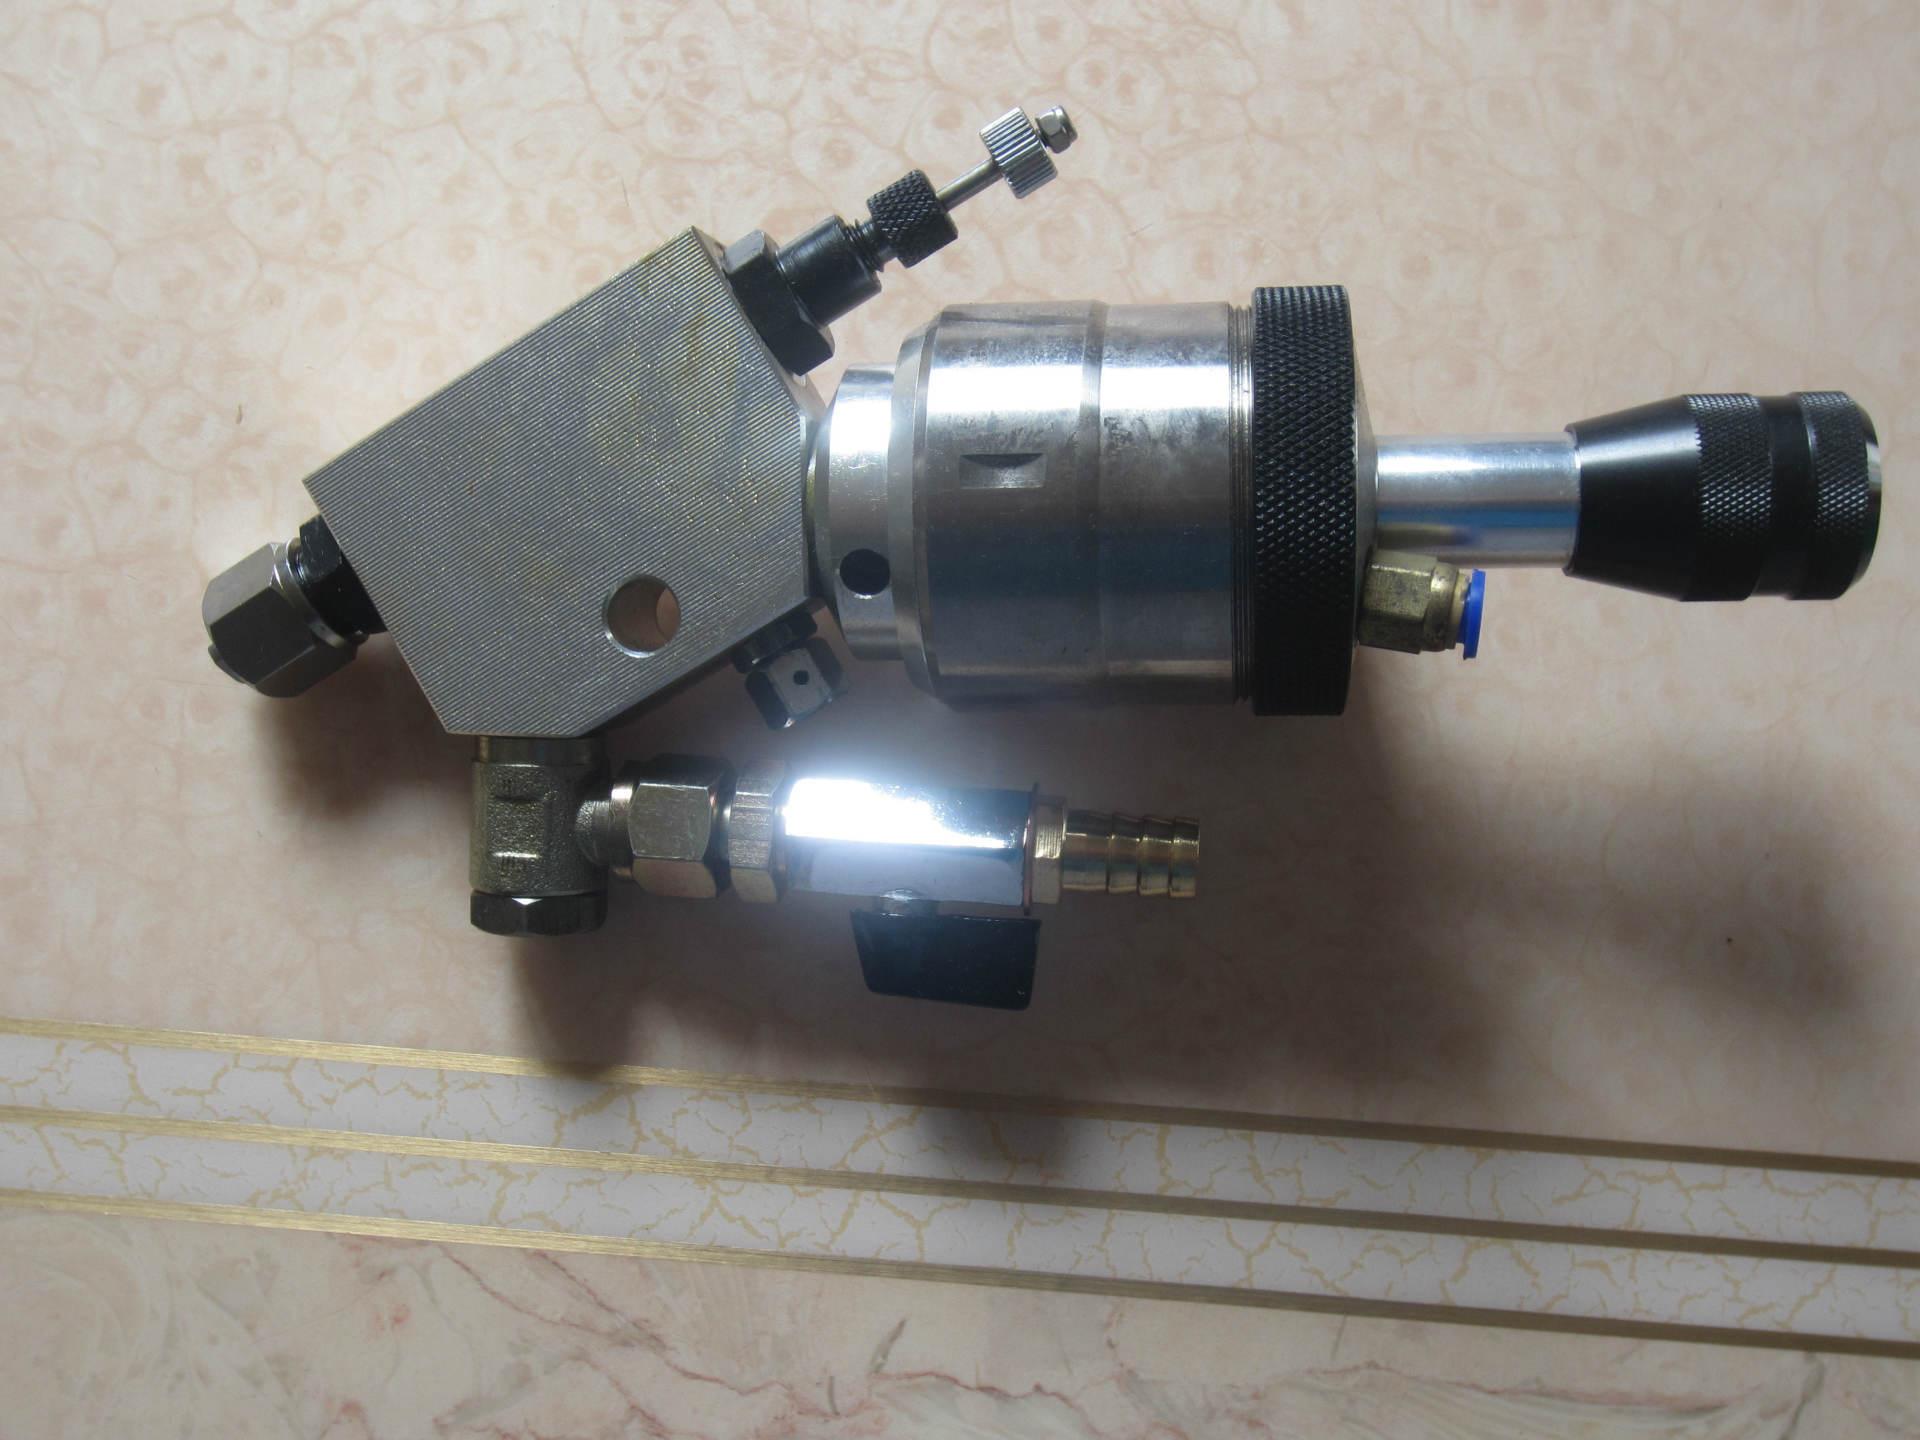 全自动抛光机喷枪 自动喷漆枪 不锈钢 压送式 喷抛光浆用